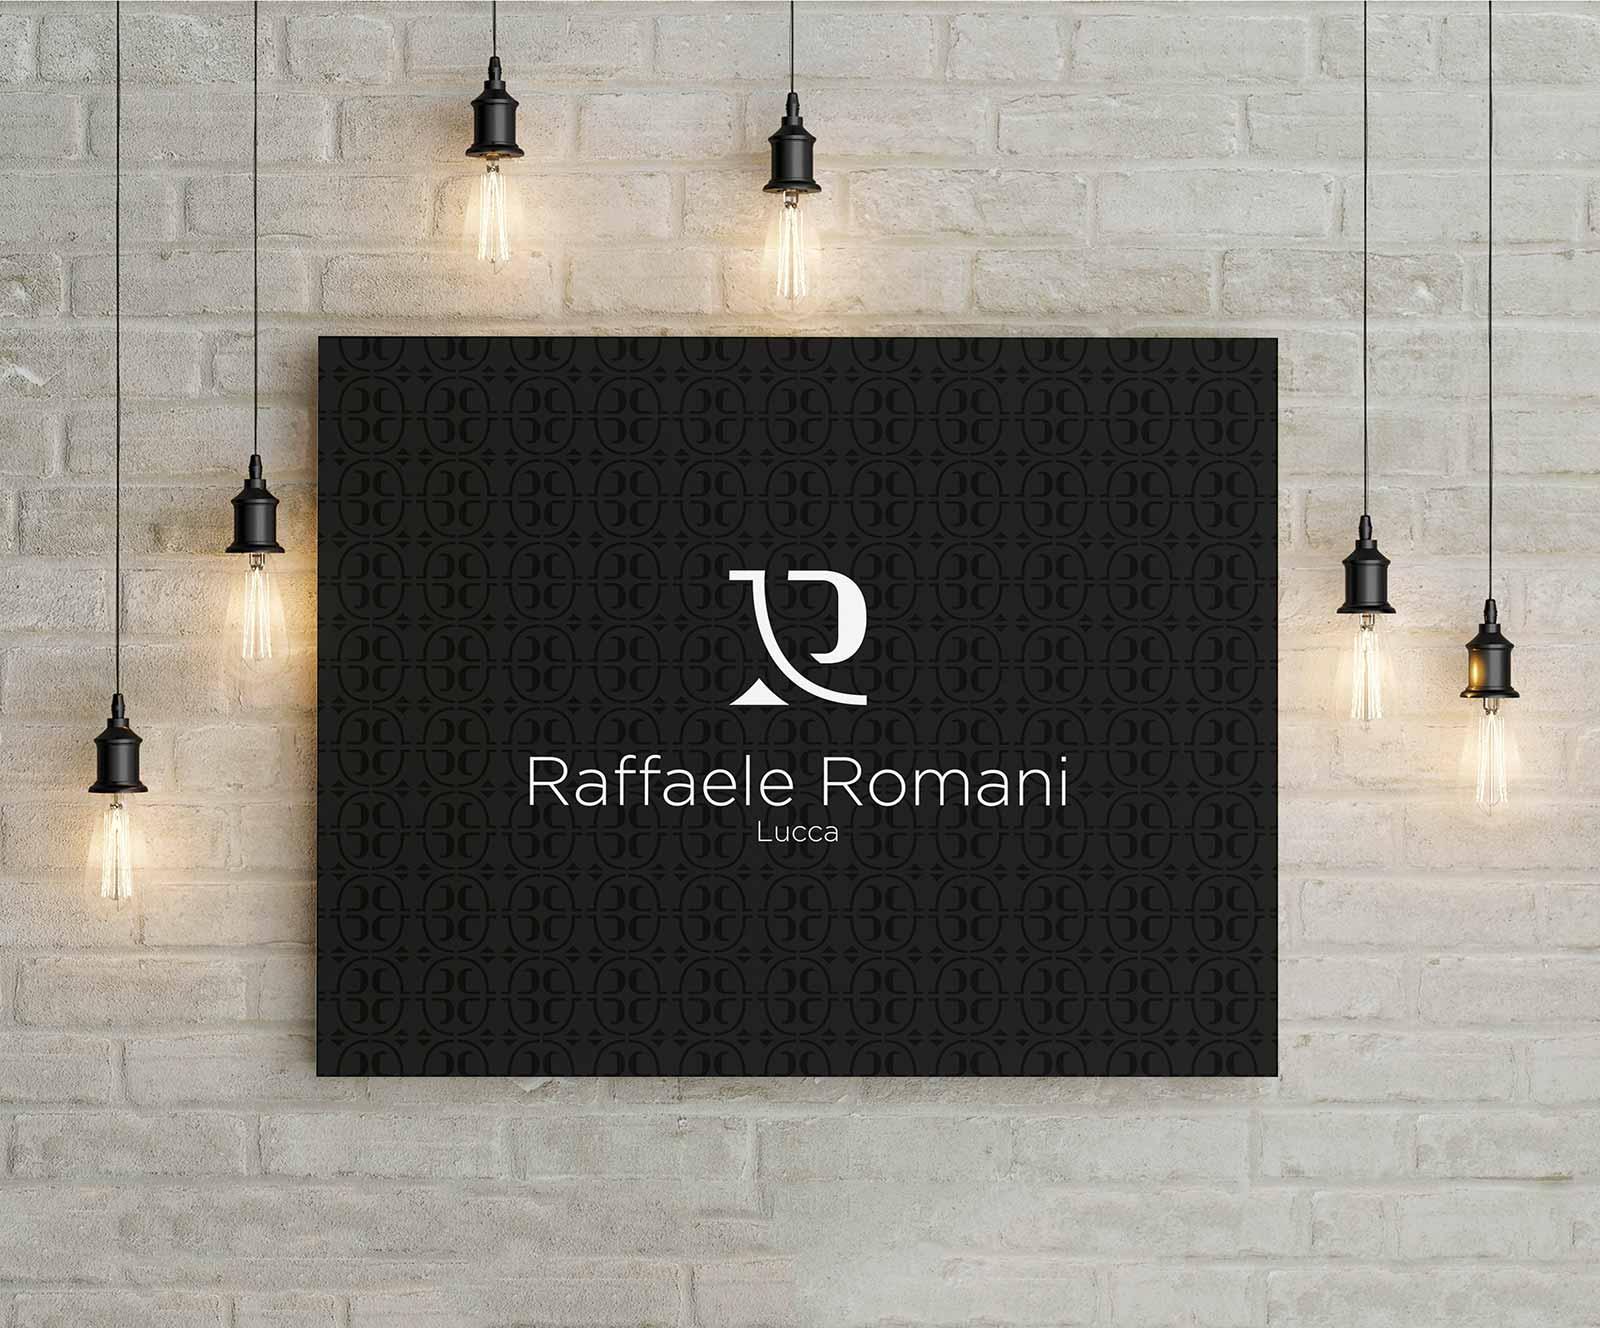 Quadro di colore nero con il logo di Raffaele Romani bianco al centro. Il quadro è posto su una parete di sassi con intorno delle lampadine